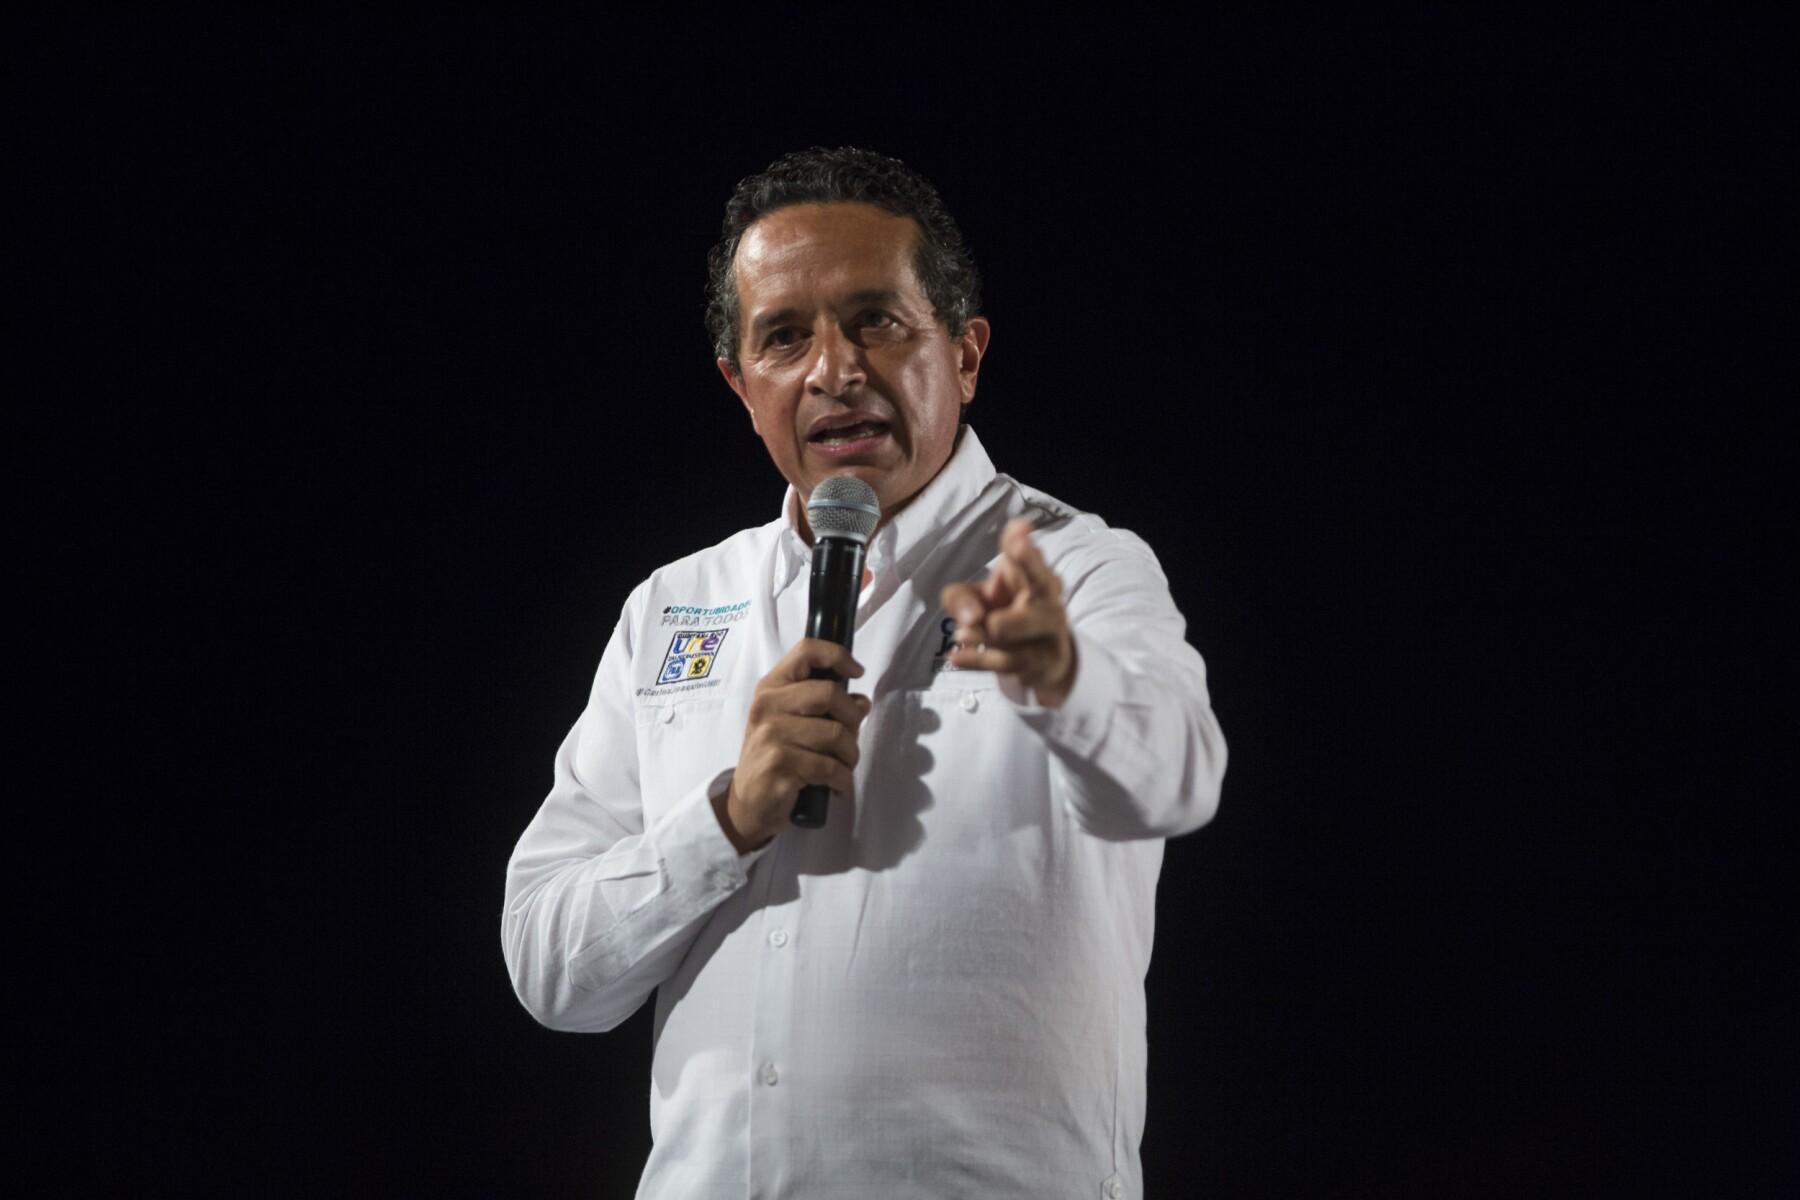 1 gubernatura, 10 ayuntamientos y 25 diputaciones estuvieron en disputa en las elecciones del 5 de junio.